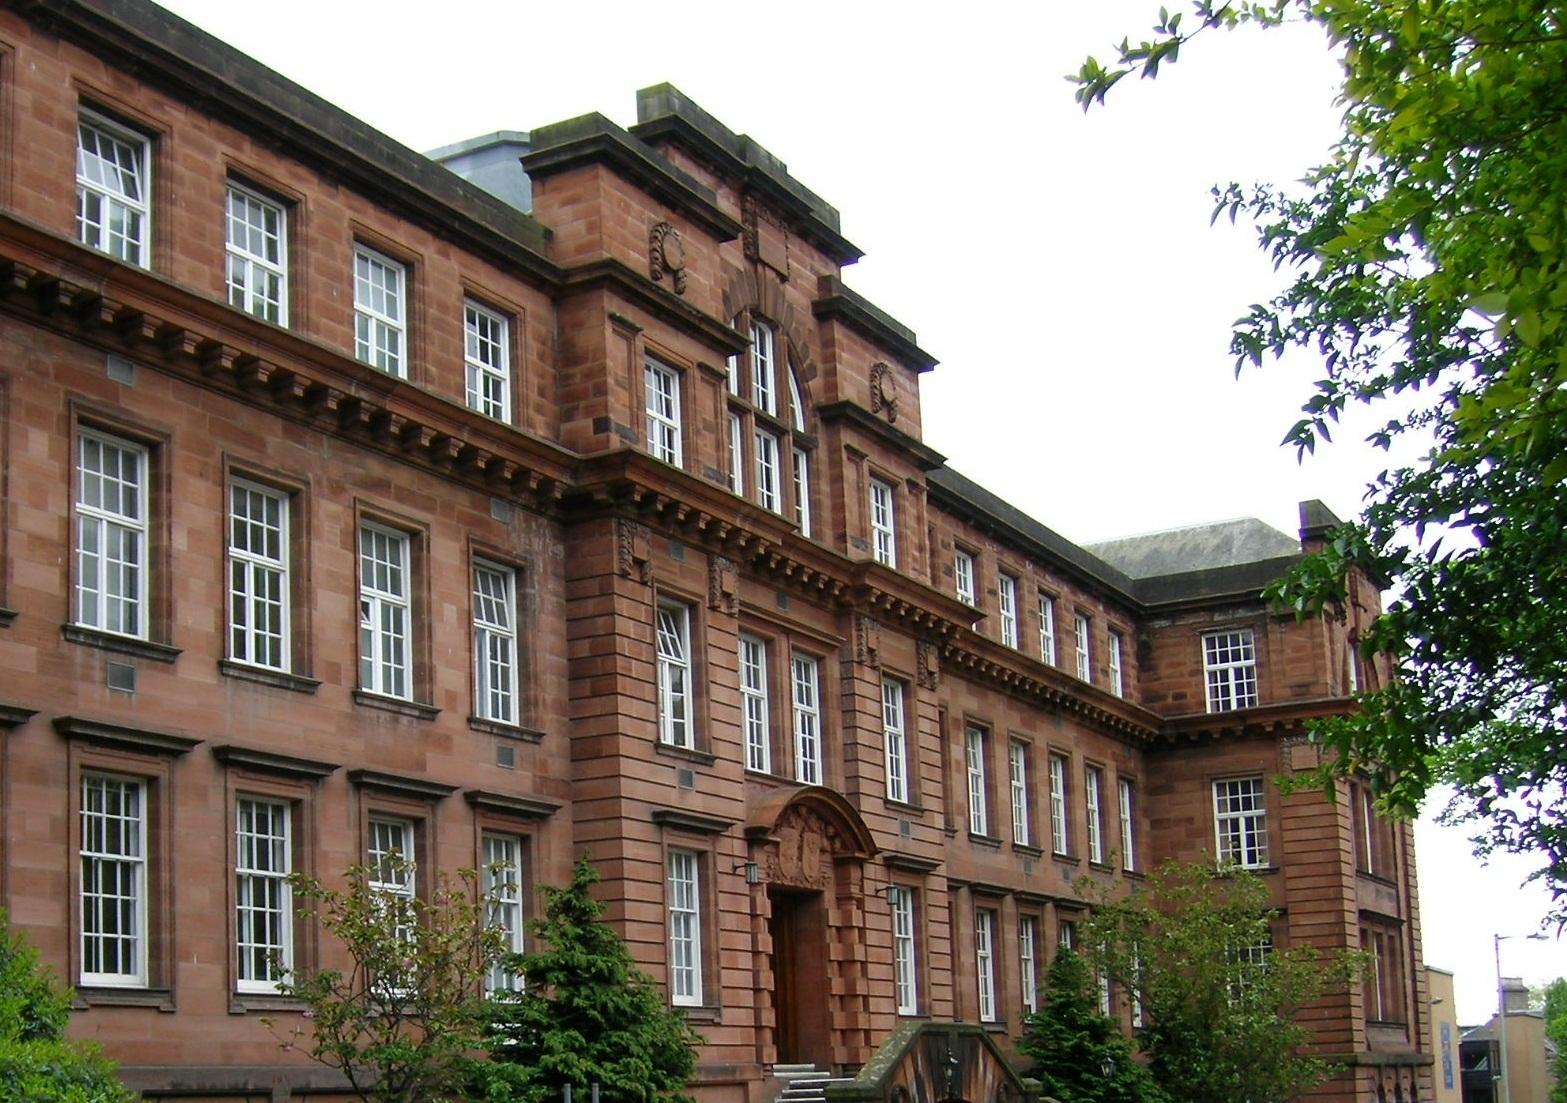 Dundee International